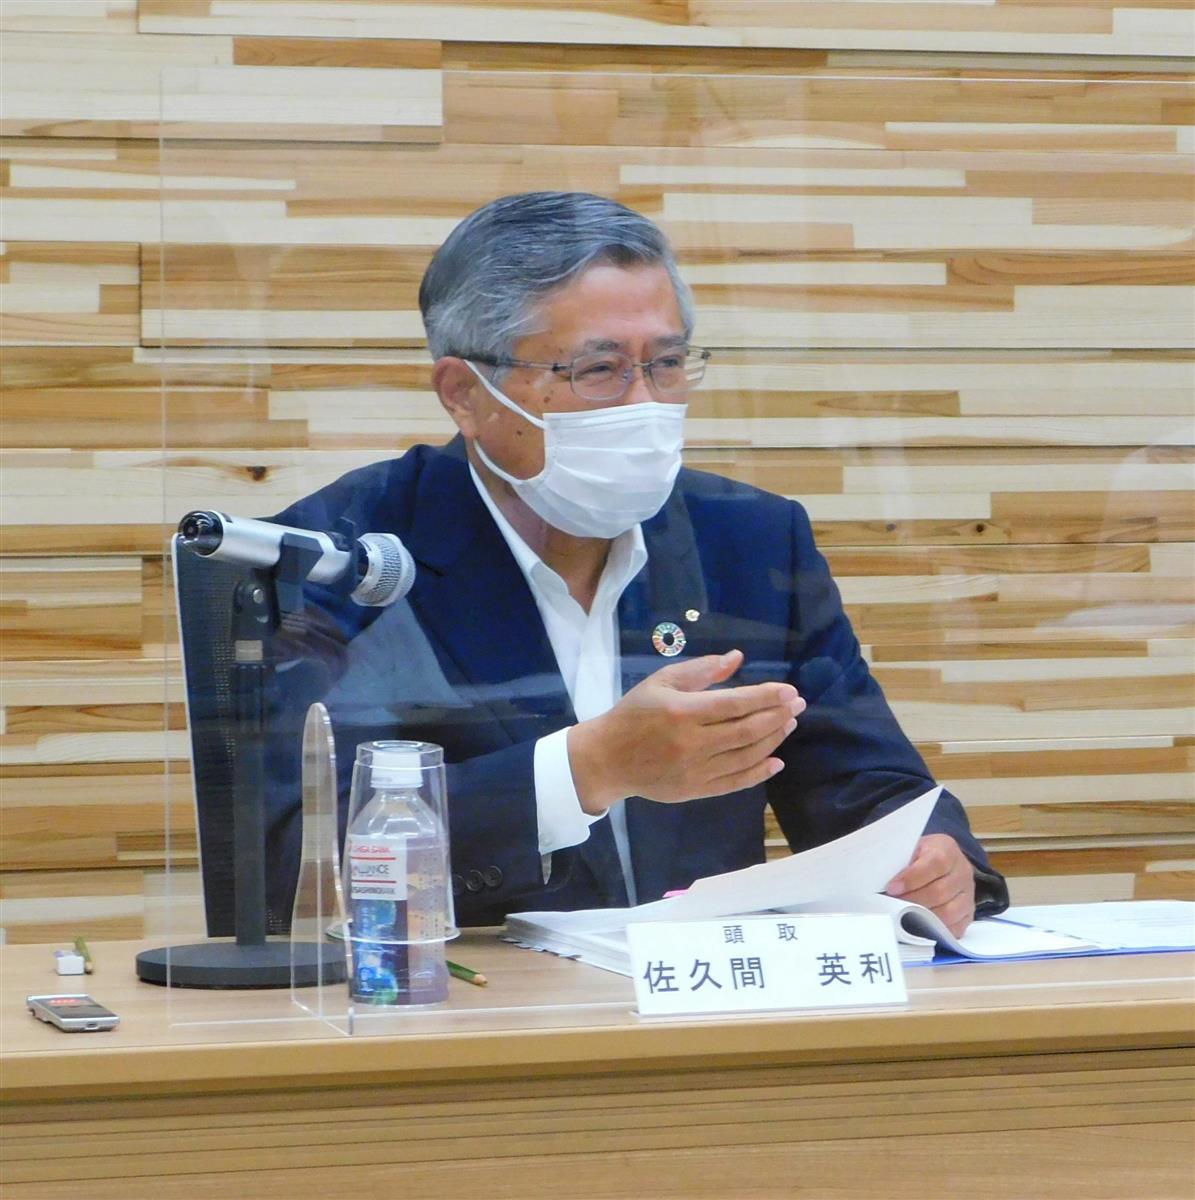 千葉銀、野村HDなどと検討の合弁会社 「中立な助言」で資産運…